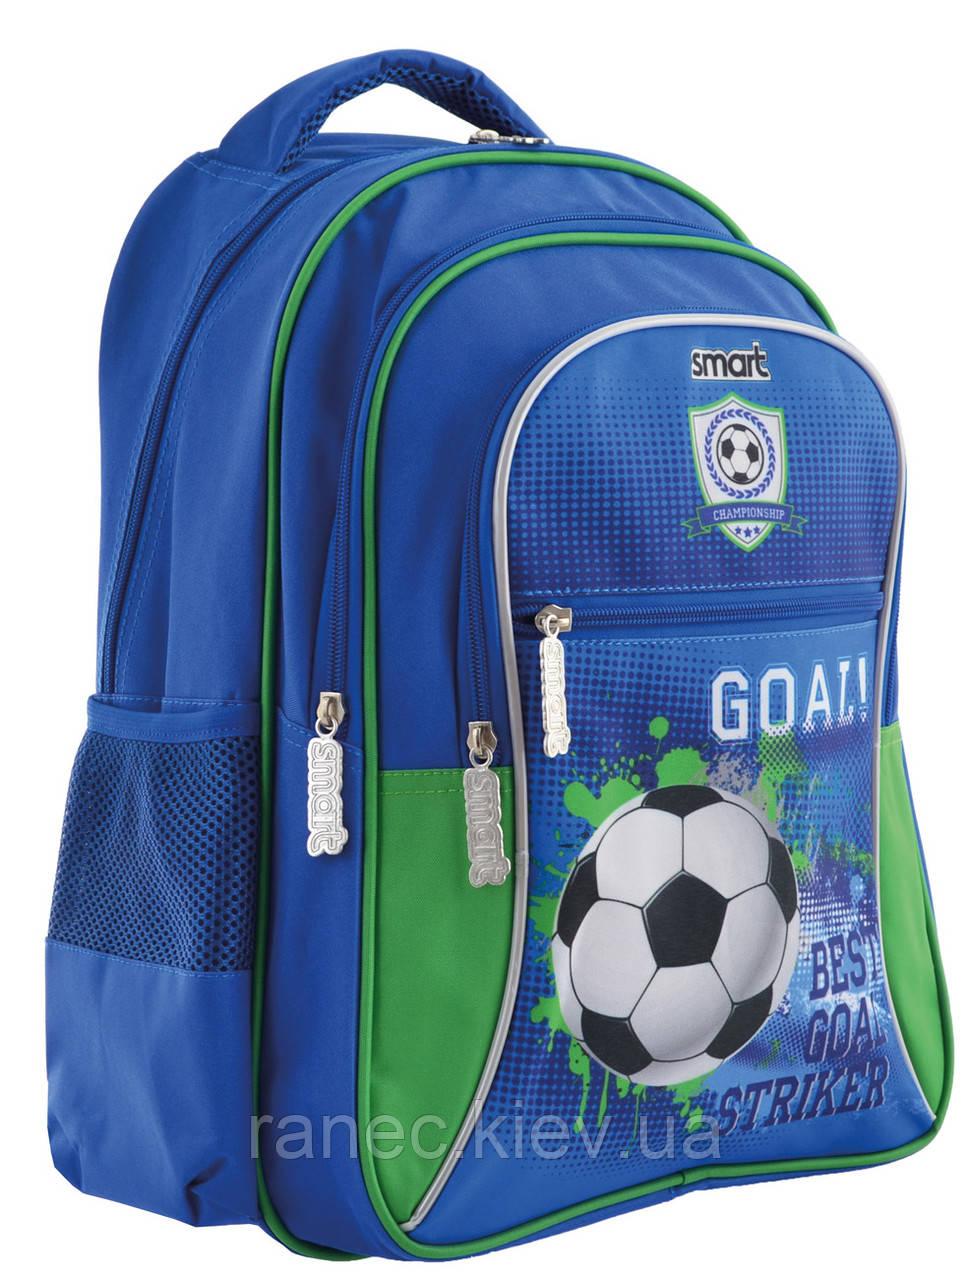 Рюкзак школьный для мальчика Футбол ZZ-03 Goal 556825 Smart